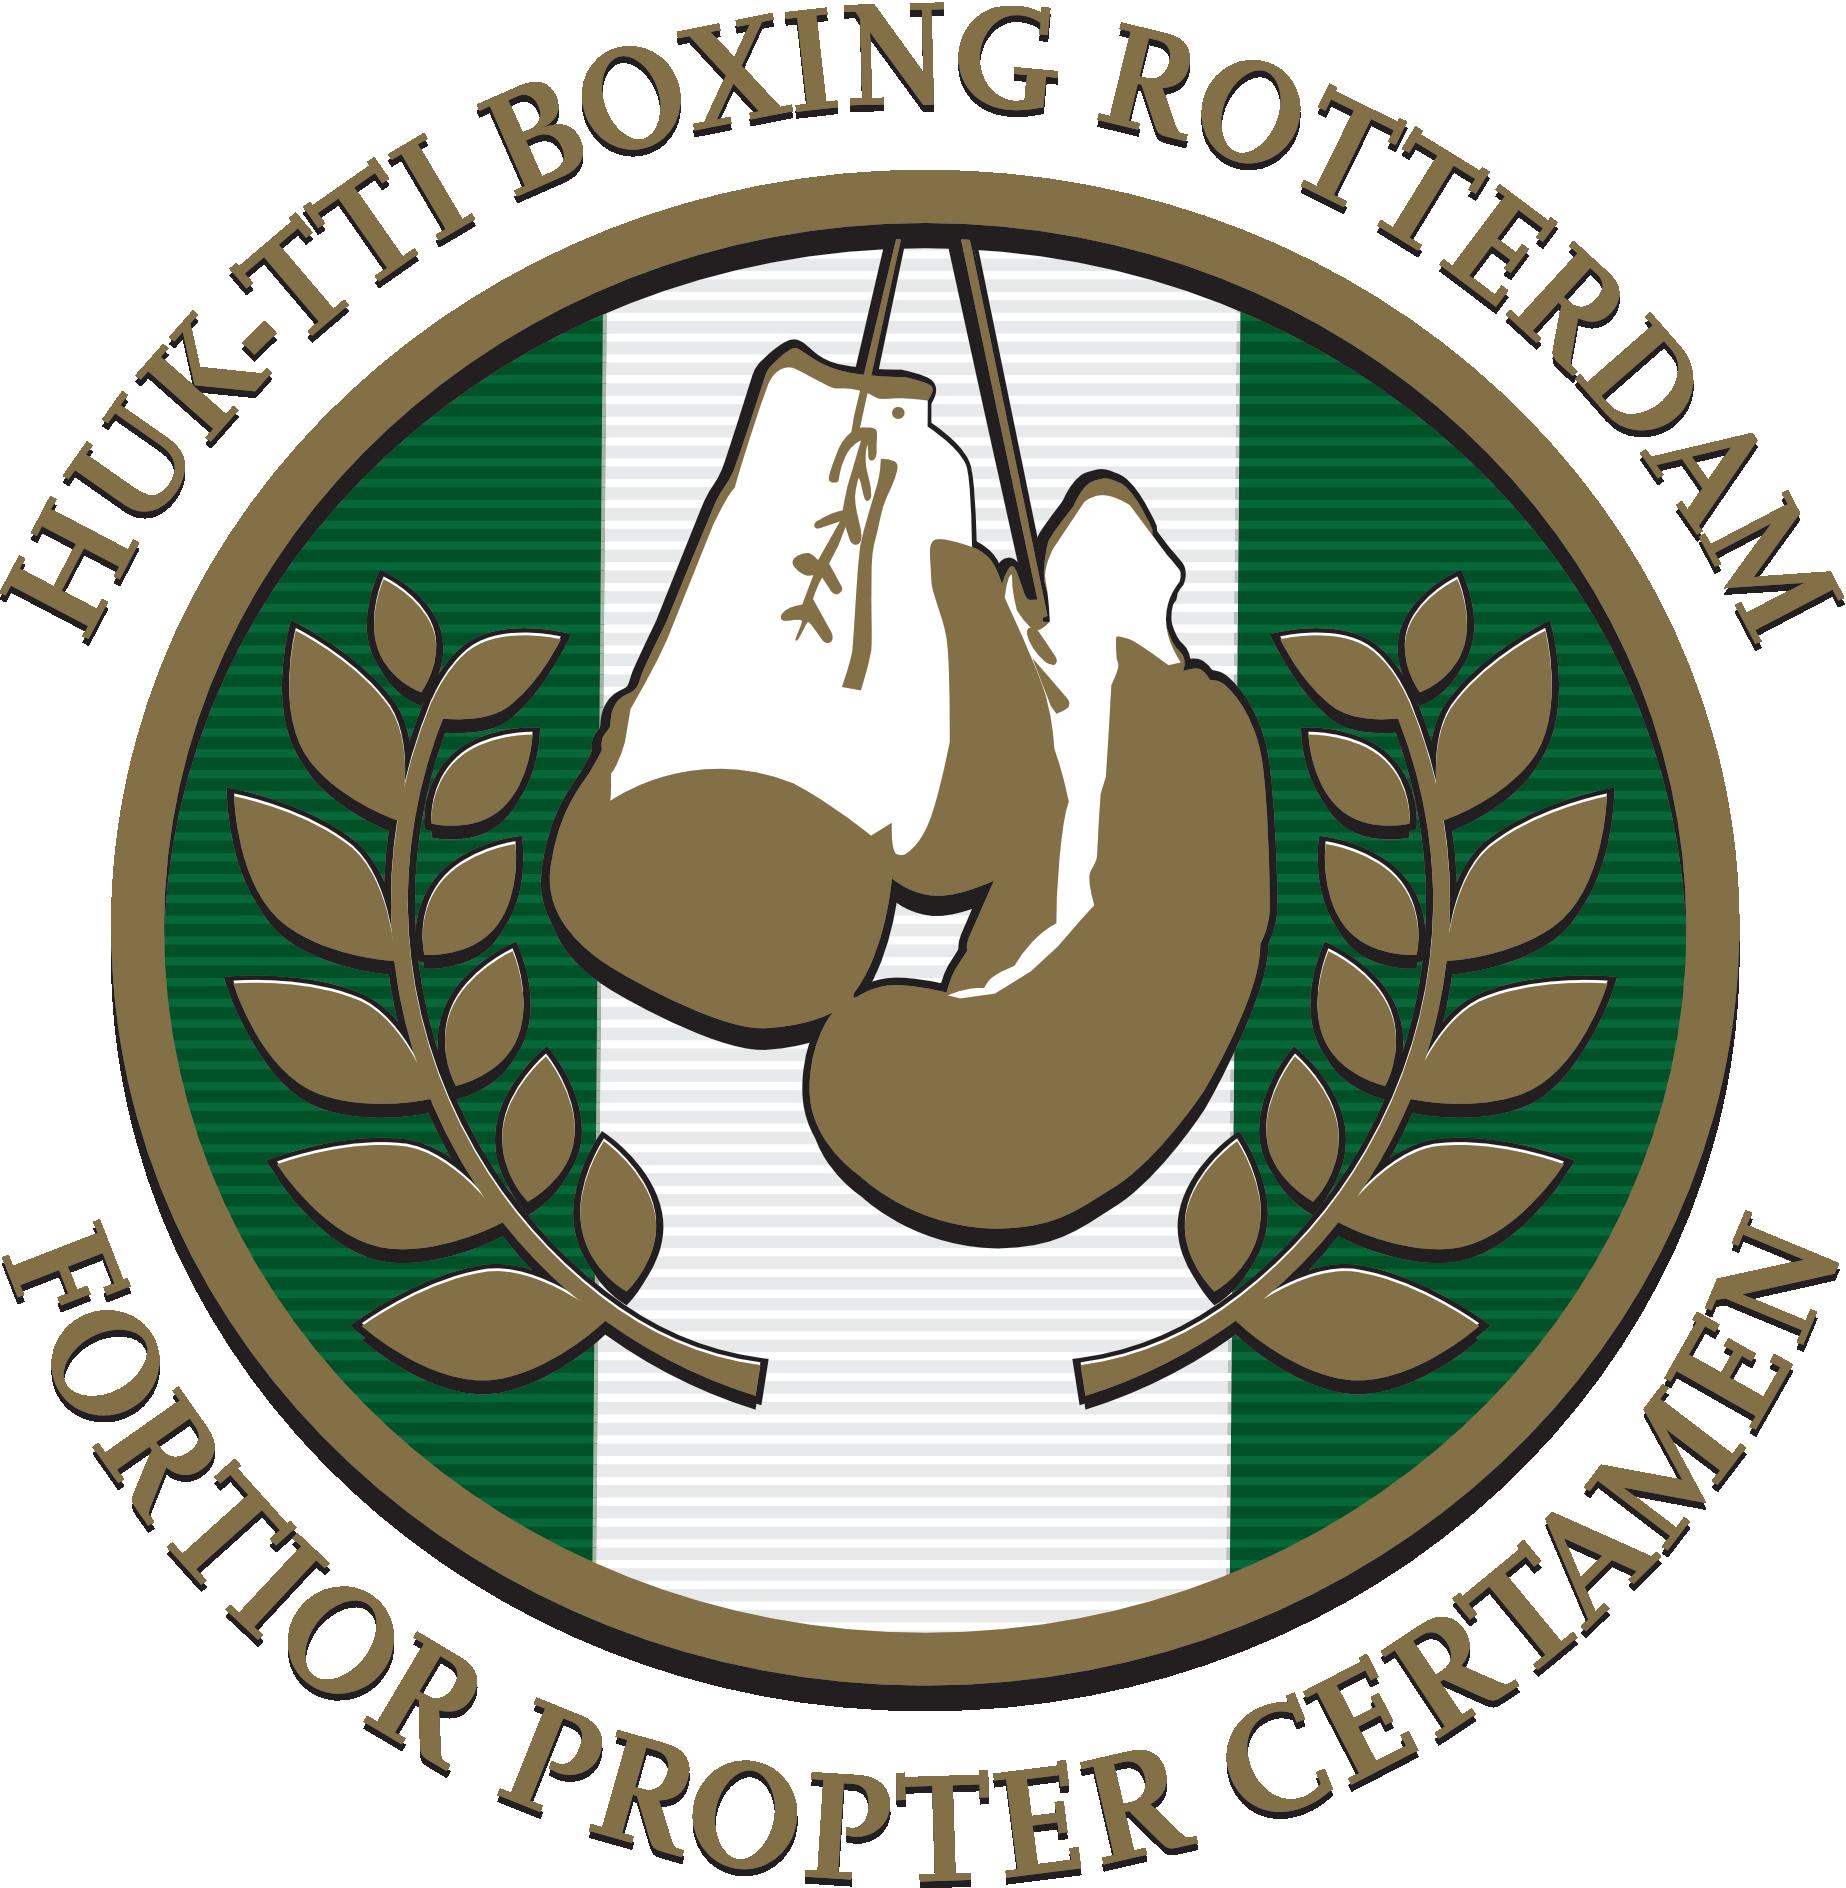 Huk-Tti Boxing